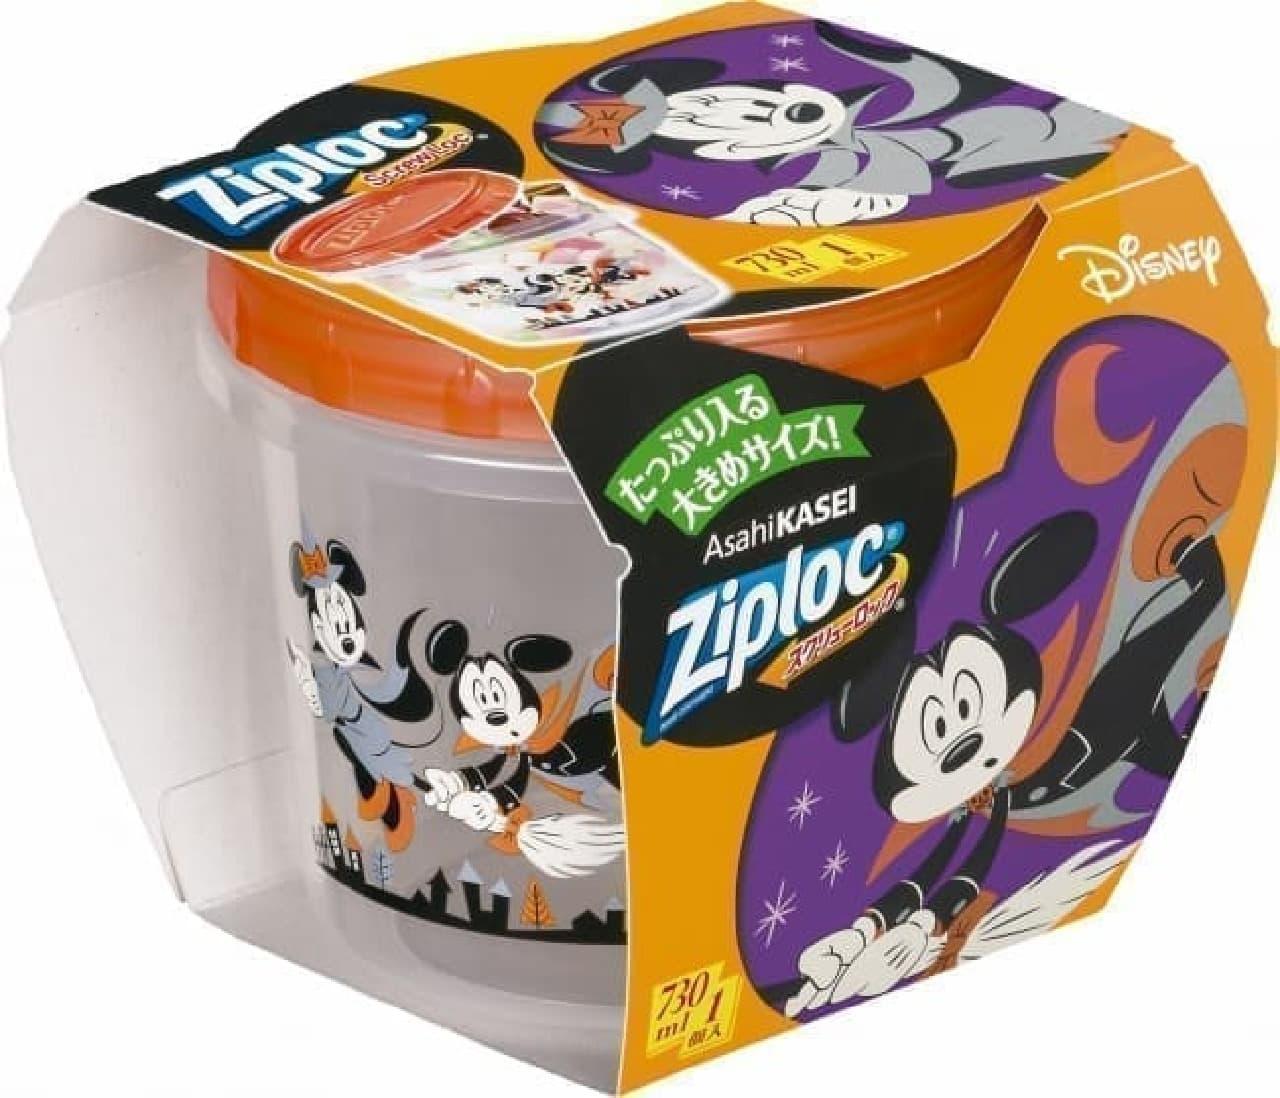 ジップロックから「ハロウィーン 2020」デザイン登場 -- 大人っぽいミッキー&ミニーやくまのプーさんなど